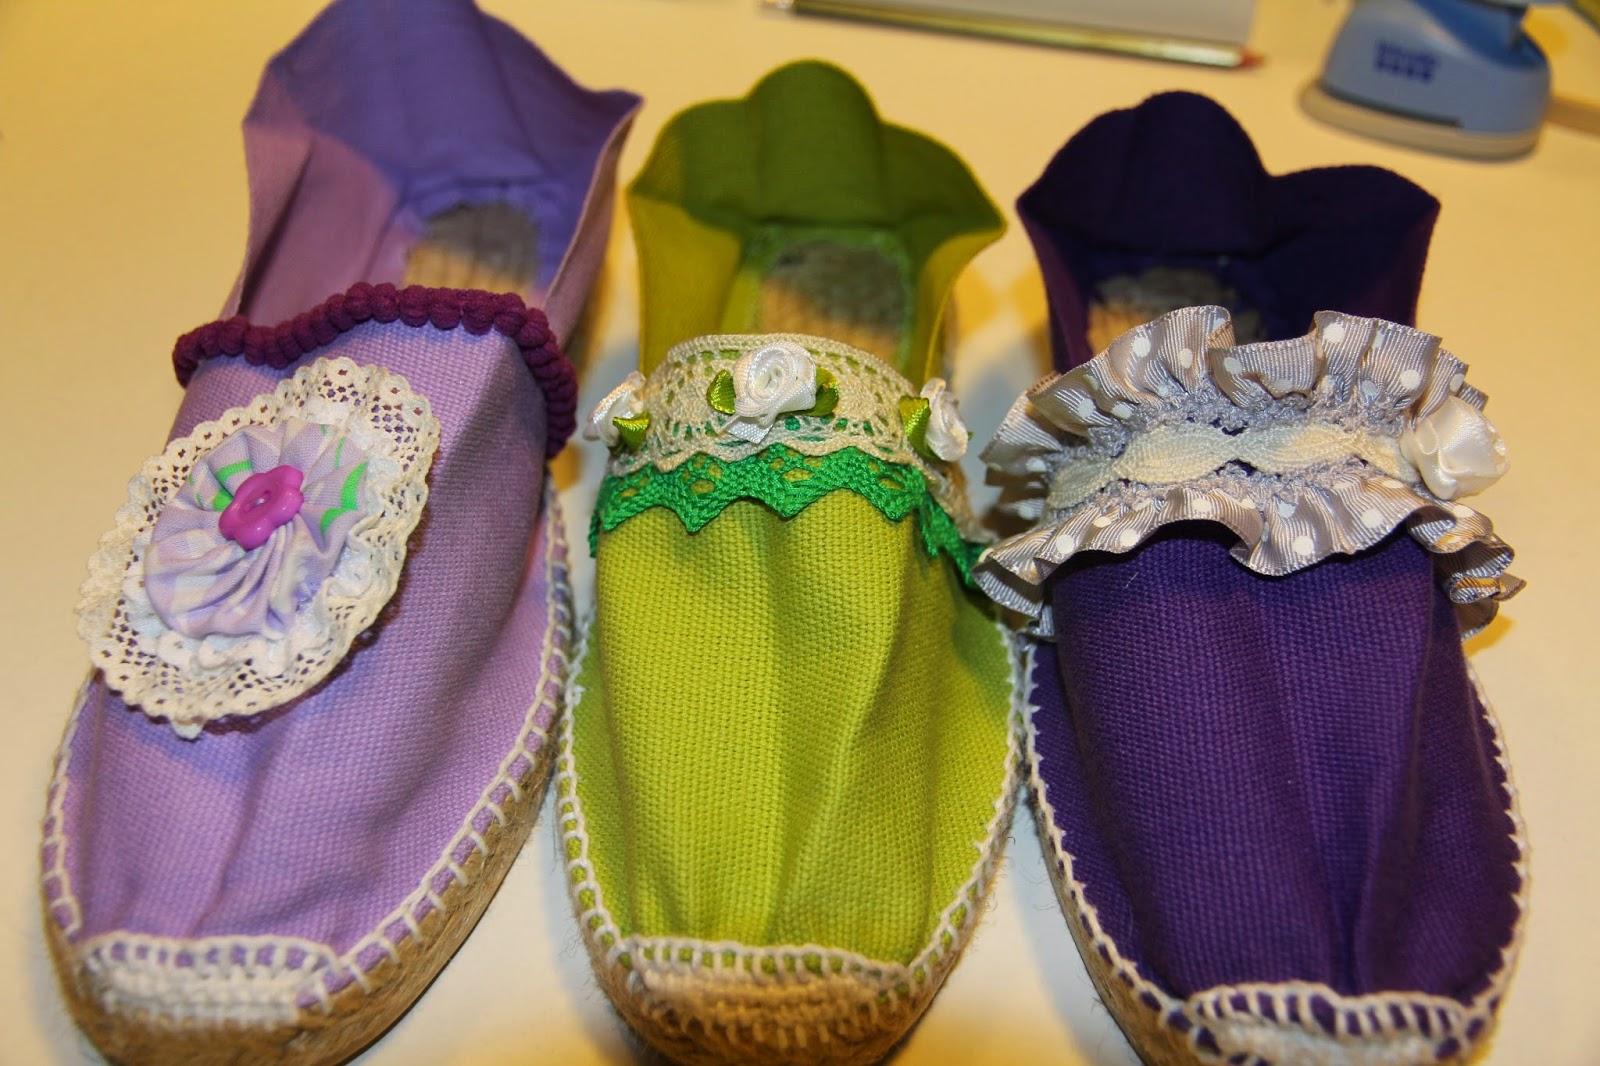 Estas son algunas de las alpargatas que Maria Angels está preparando en el taller para regalar a unas amigas. Tendrá un regalo bien original y exclusivo,